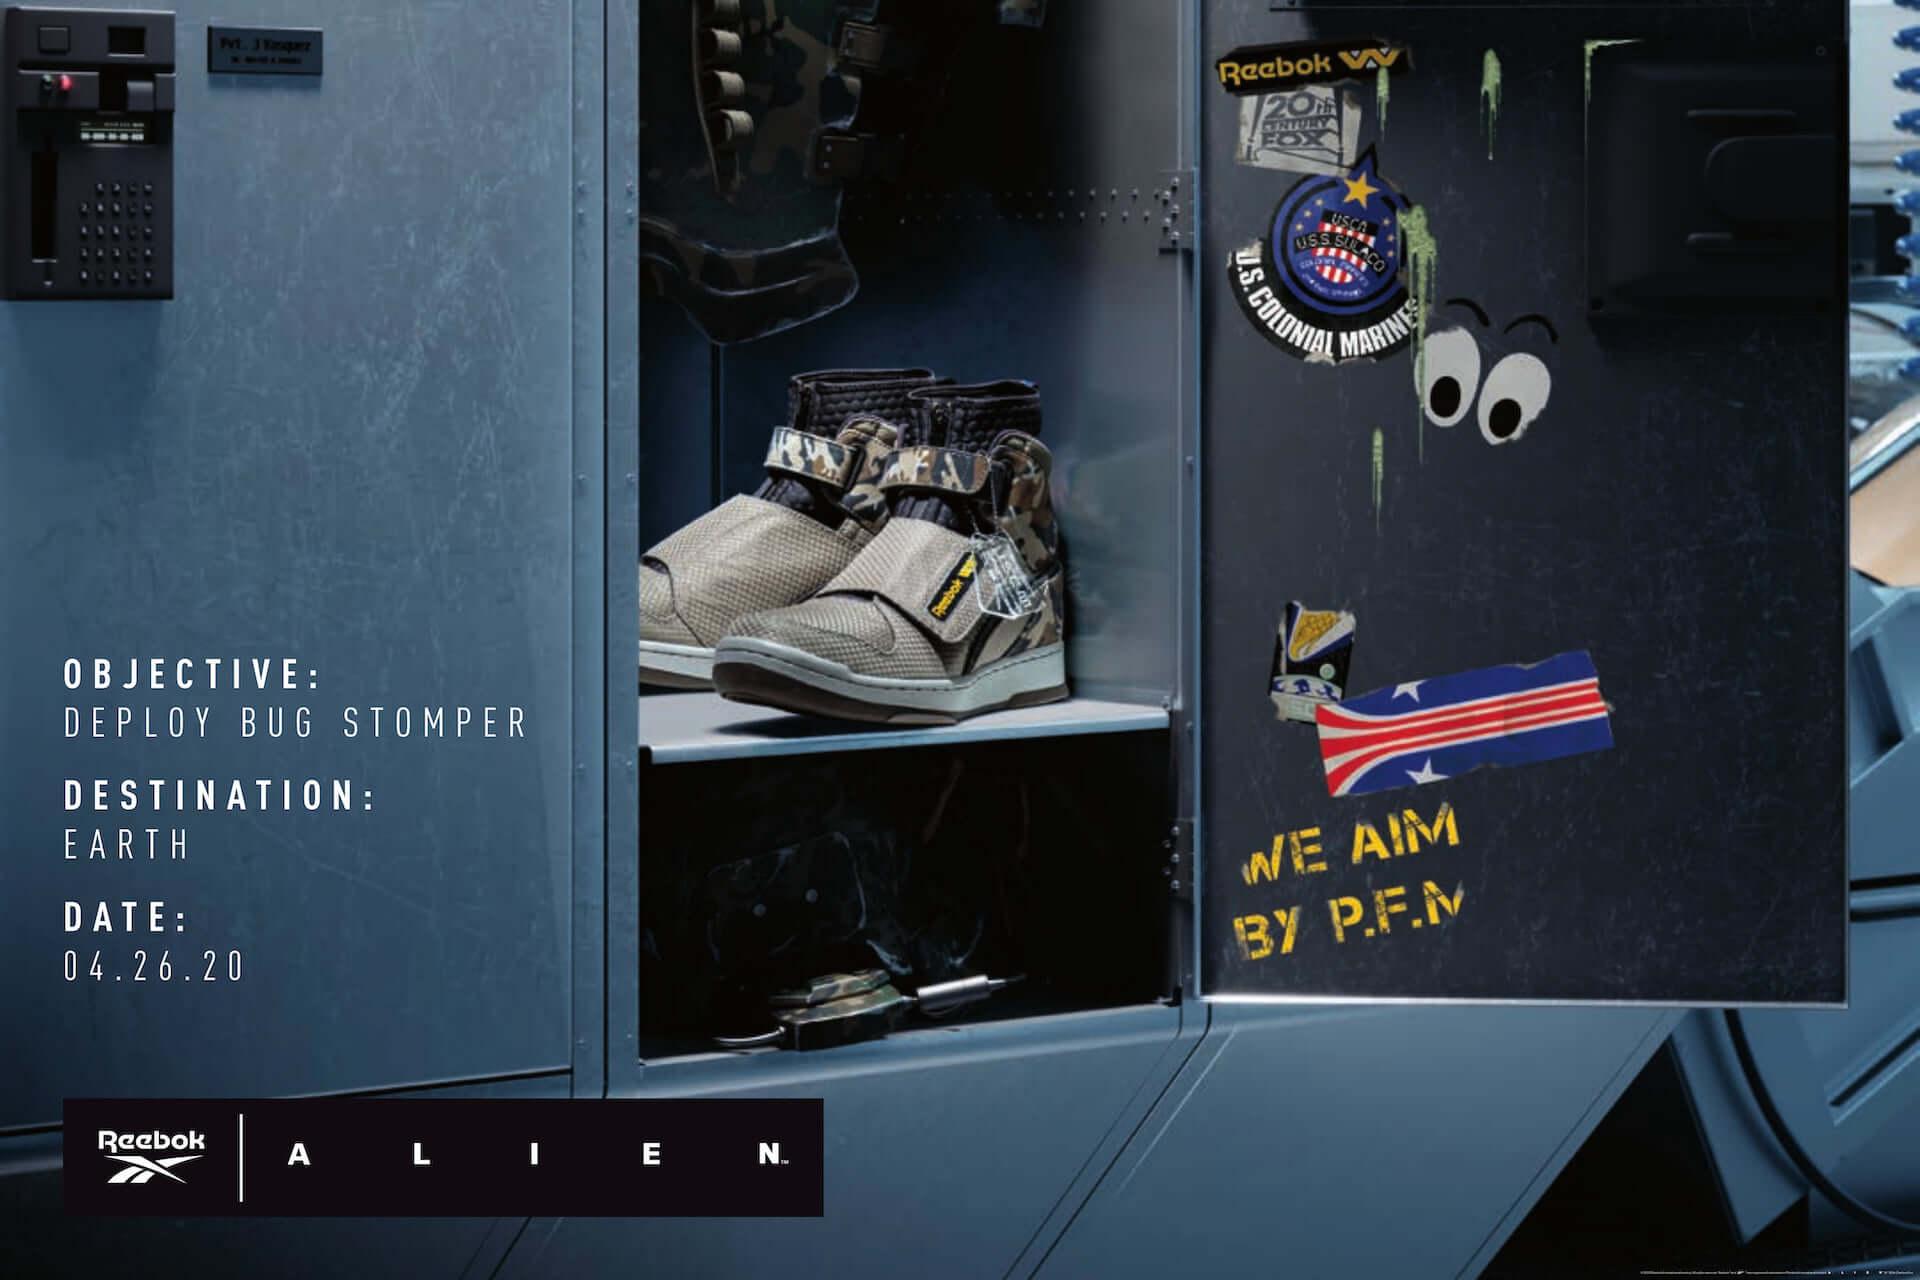 リーボック×映画『エイリアン2』コラボシューズ最新作!世界観を巧みに再現したミリタリーデザインでエイリアン・デーに発売決定 lf200421_reebok_alien_12-1920x1280